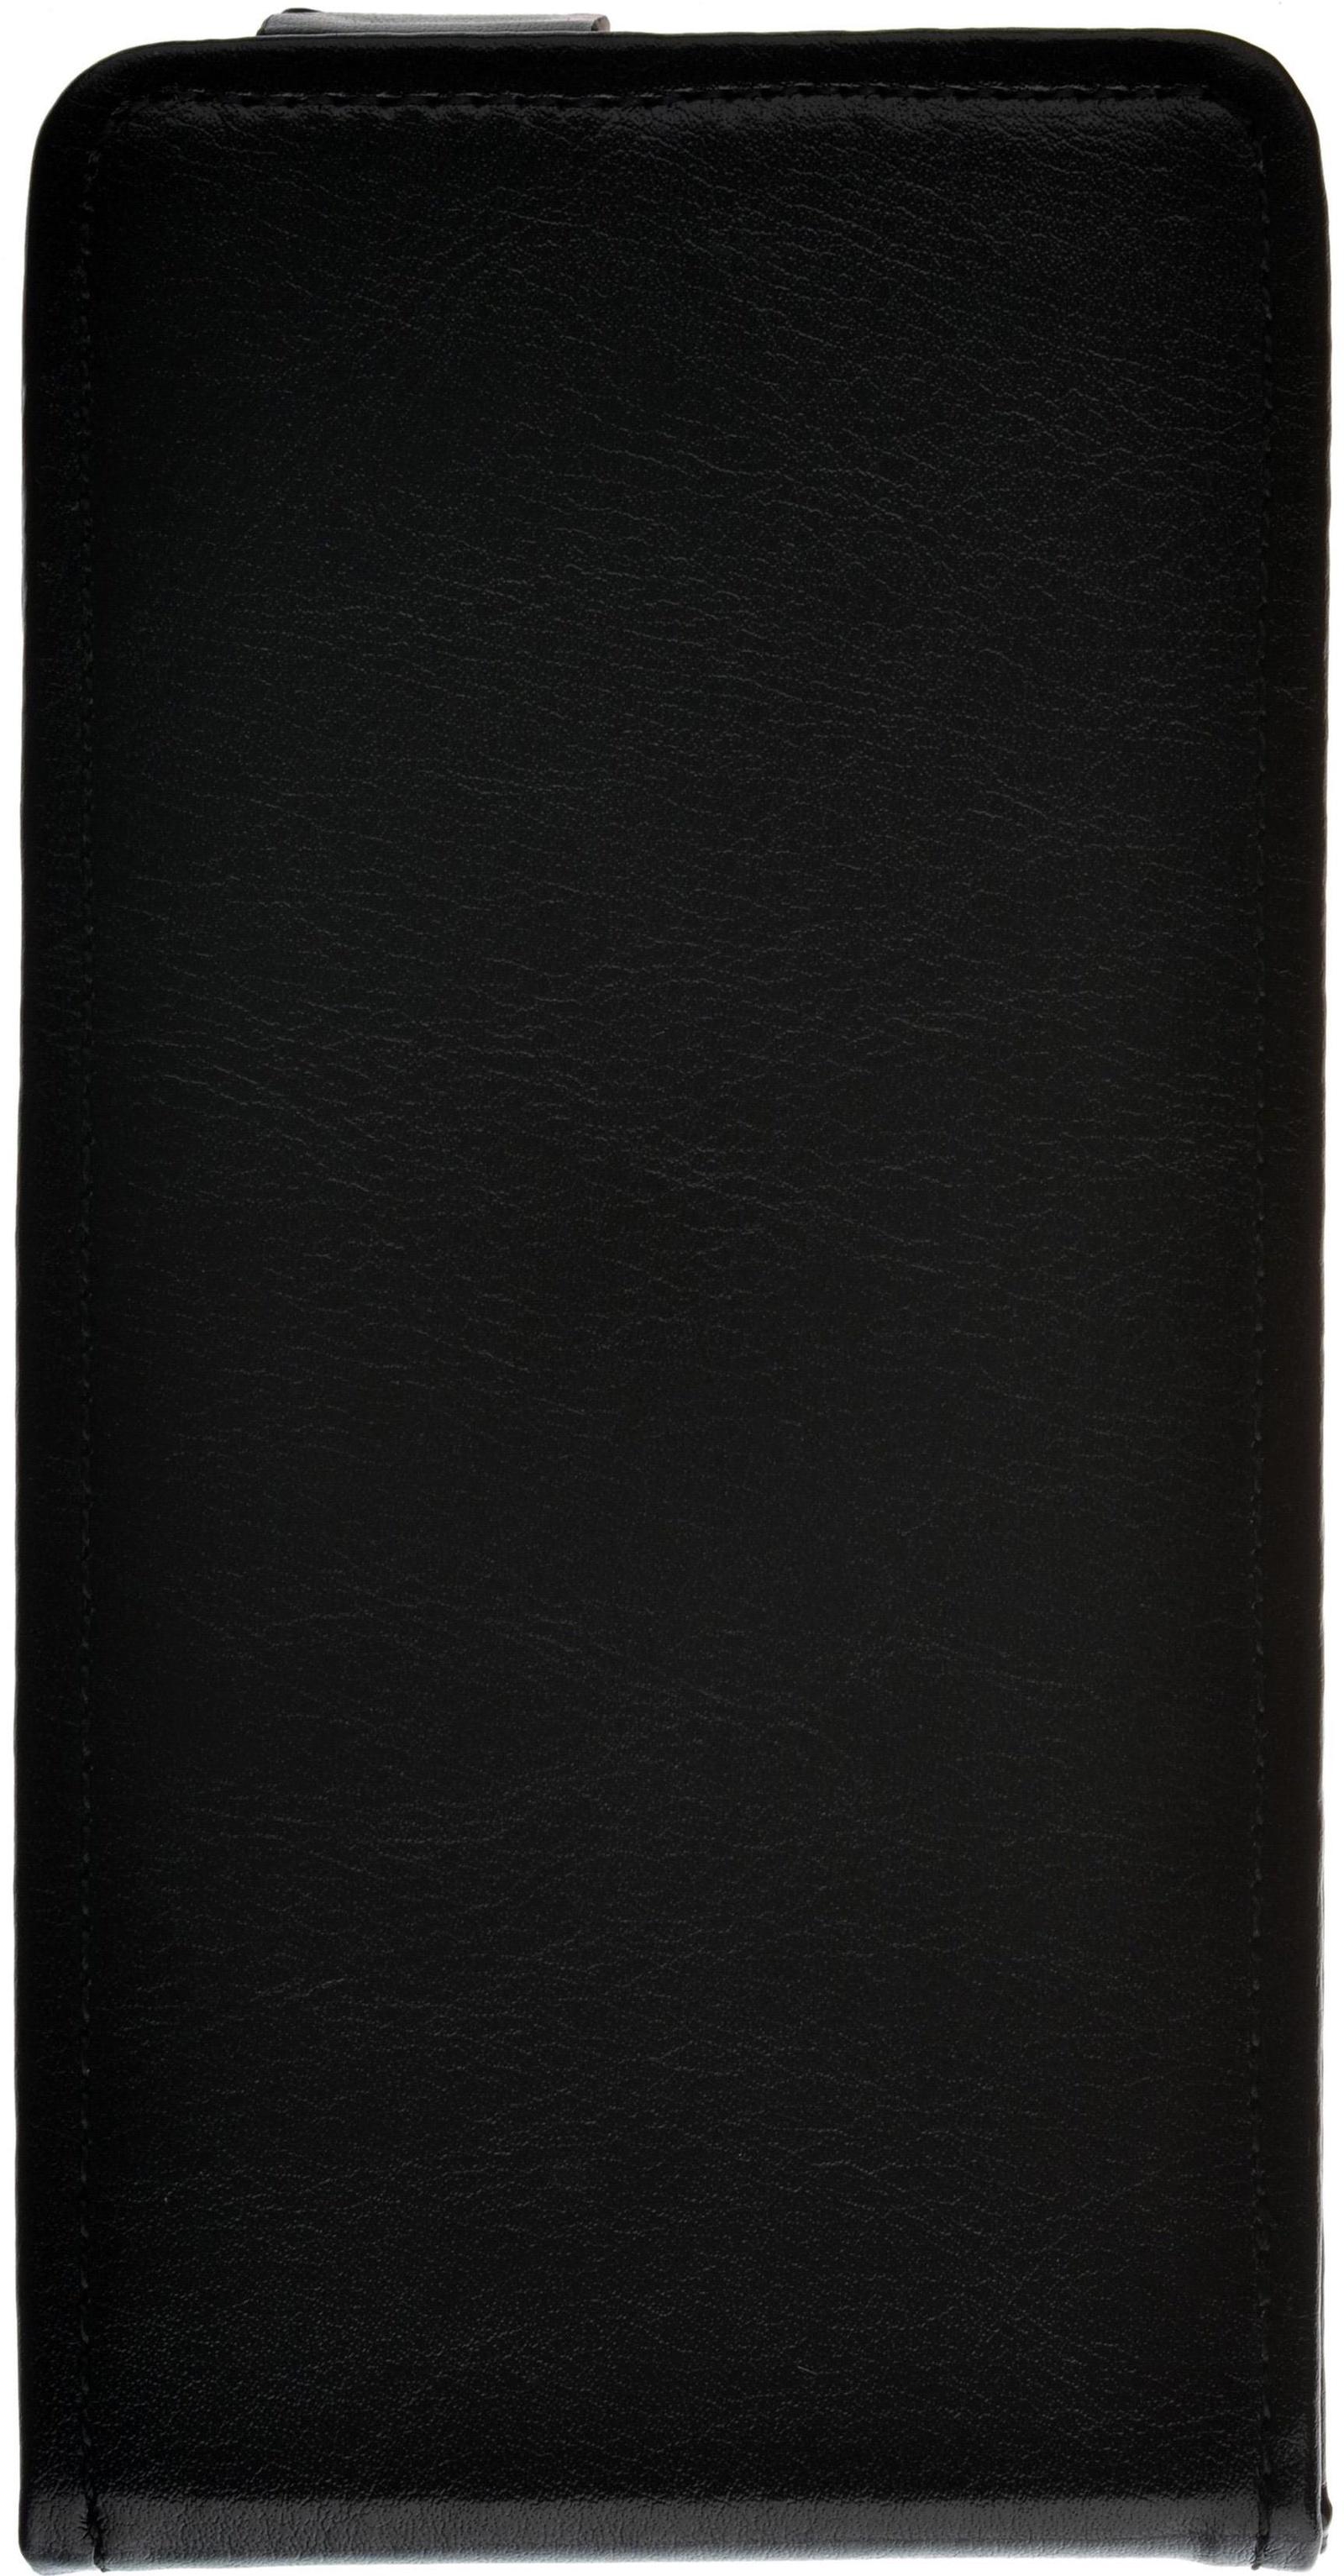 Чехол skinBOX для Huawei Ascend G620S, 2000000077710, черный аксессуар чехол накладка huawei ascend g620 cherry white 8283